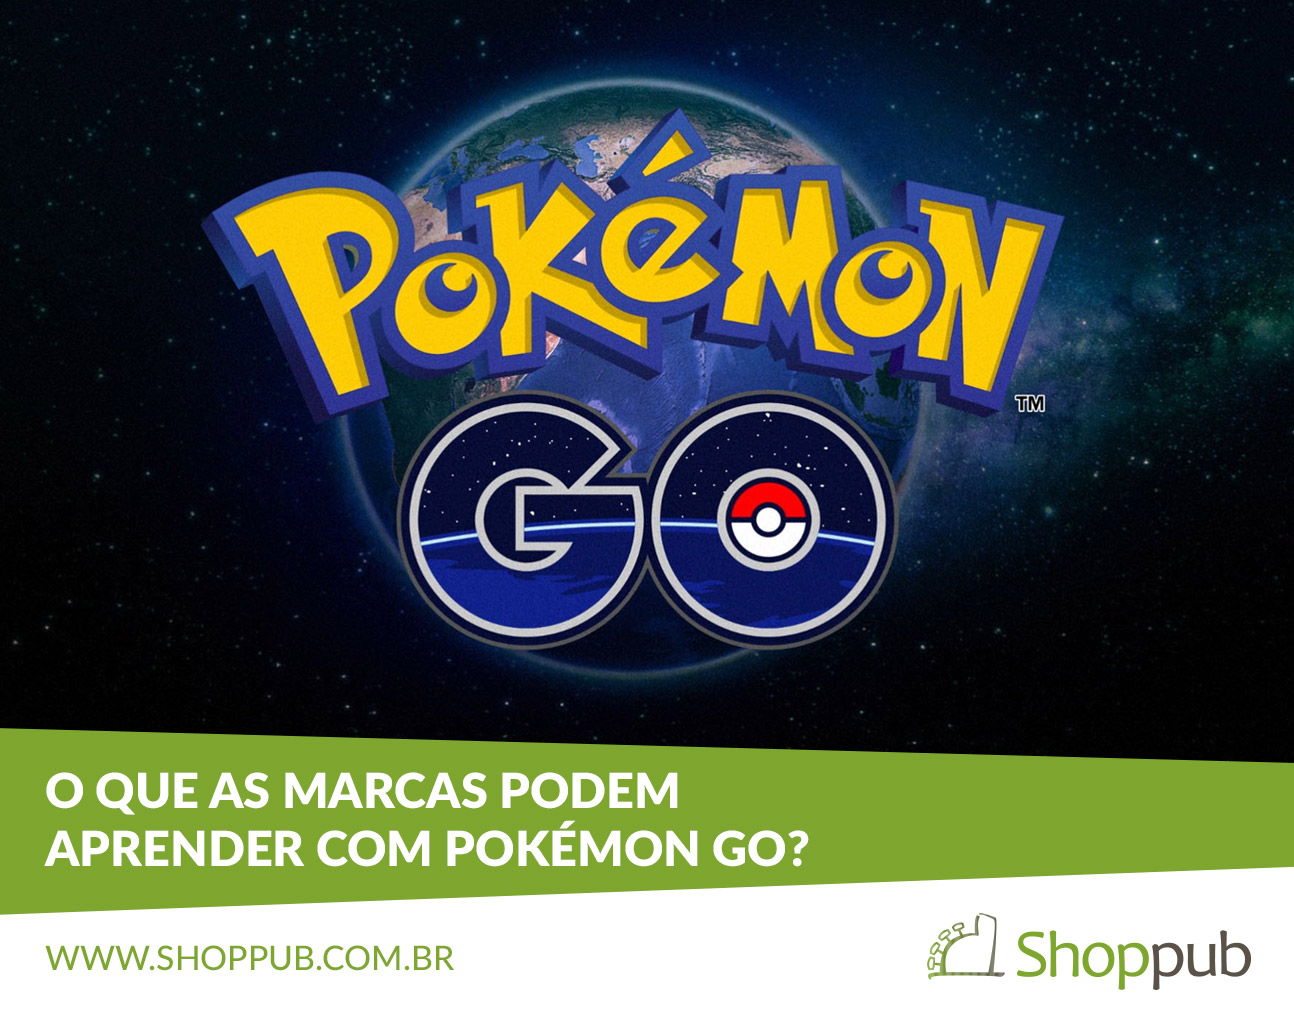 03a03a6c5e49c6 O que as marcas podem aprender com Pokémon GO? - Blog Shoppub